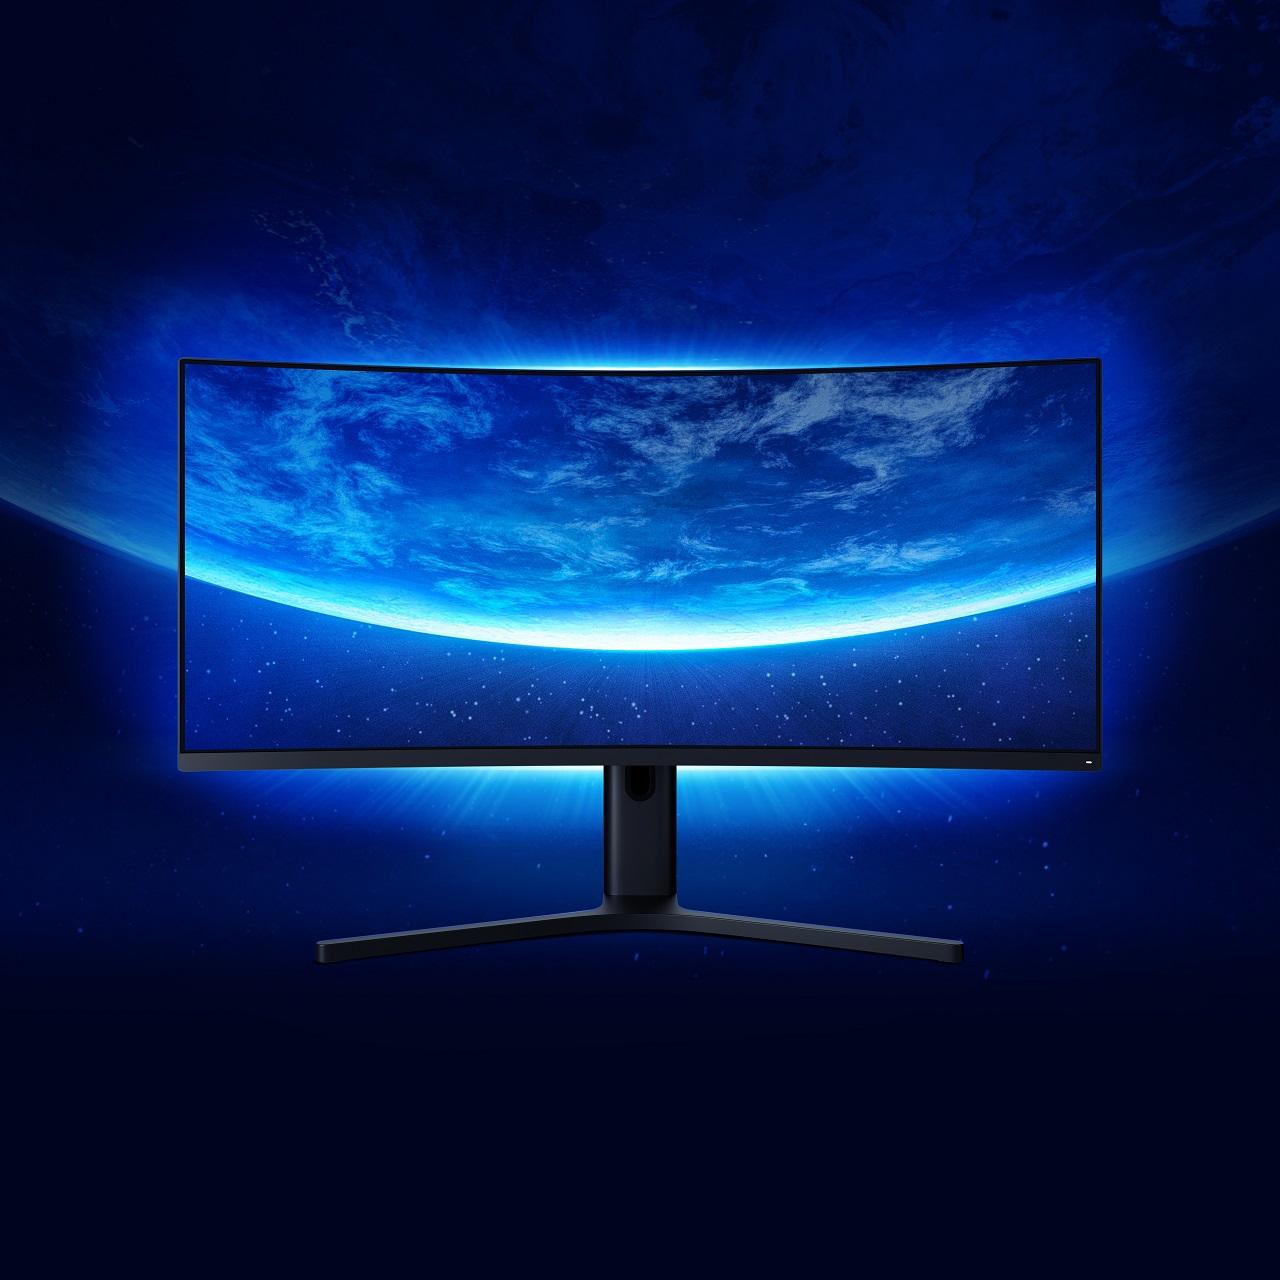 Mi Curved Gaming Monitor 01 - Smart Living for Everyone: nuovi prodotti Xiaomi debuttano sul mercato globale